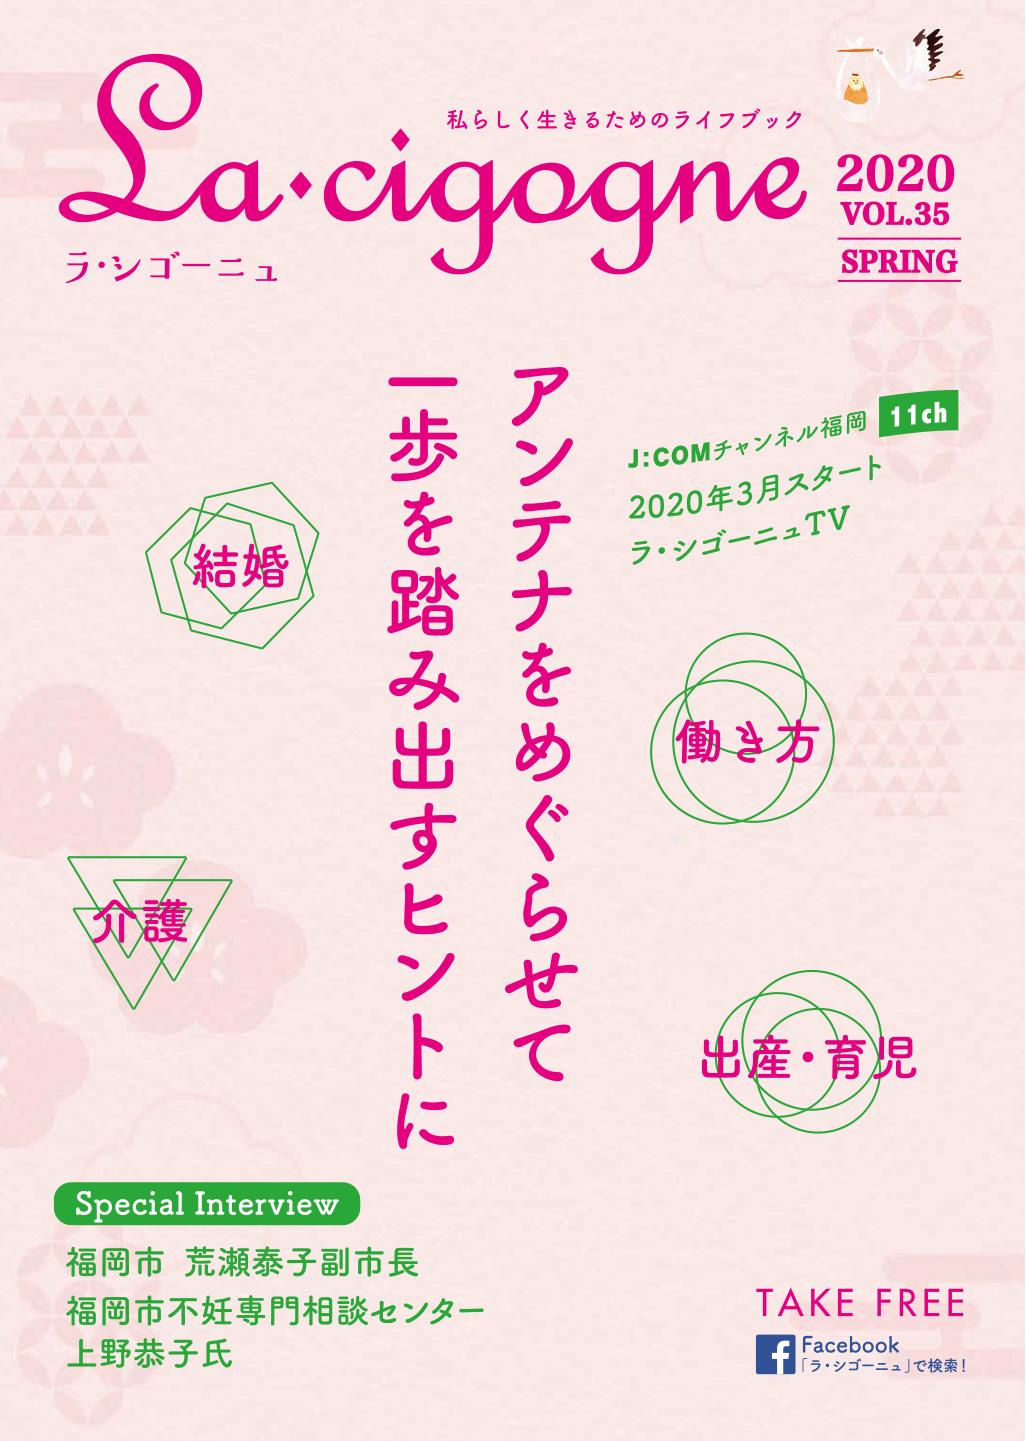 【Vol.35】2020年春号